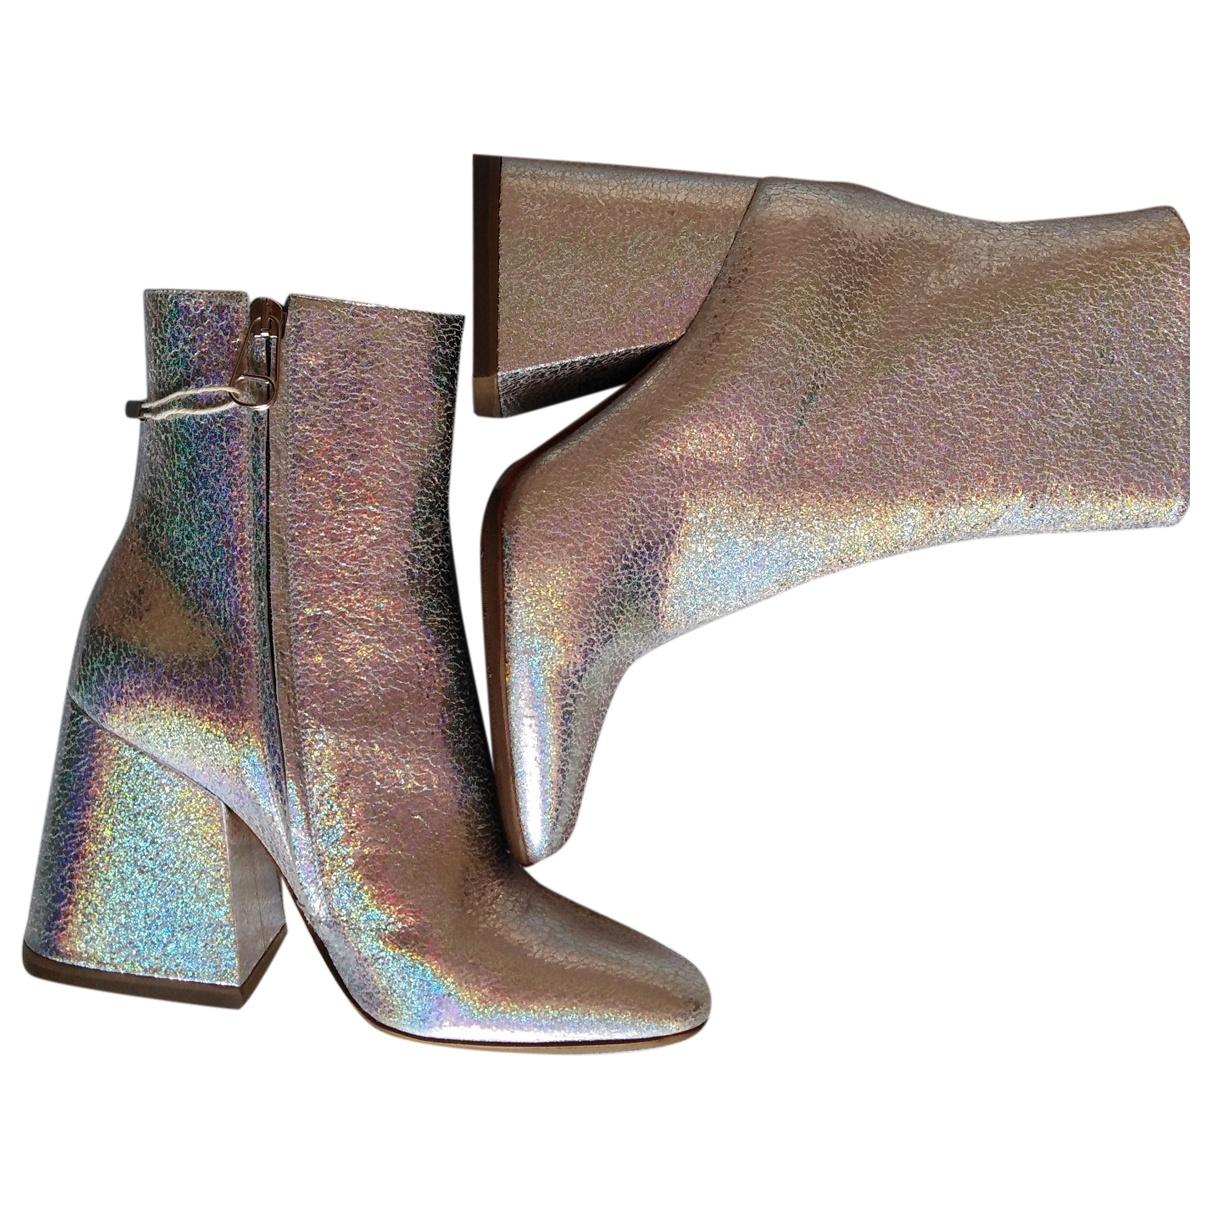 Maison Martin Margiela - Boots   pour femme en cuir - argente